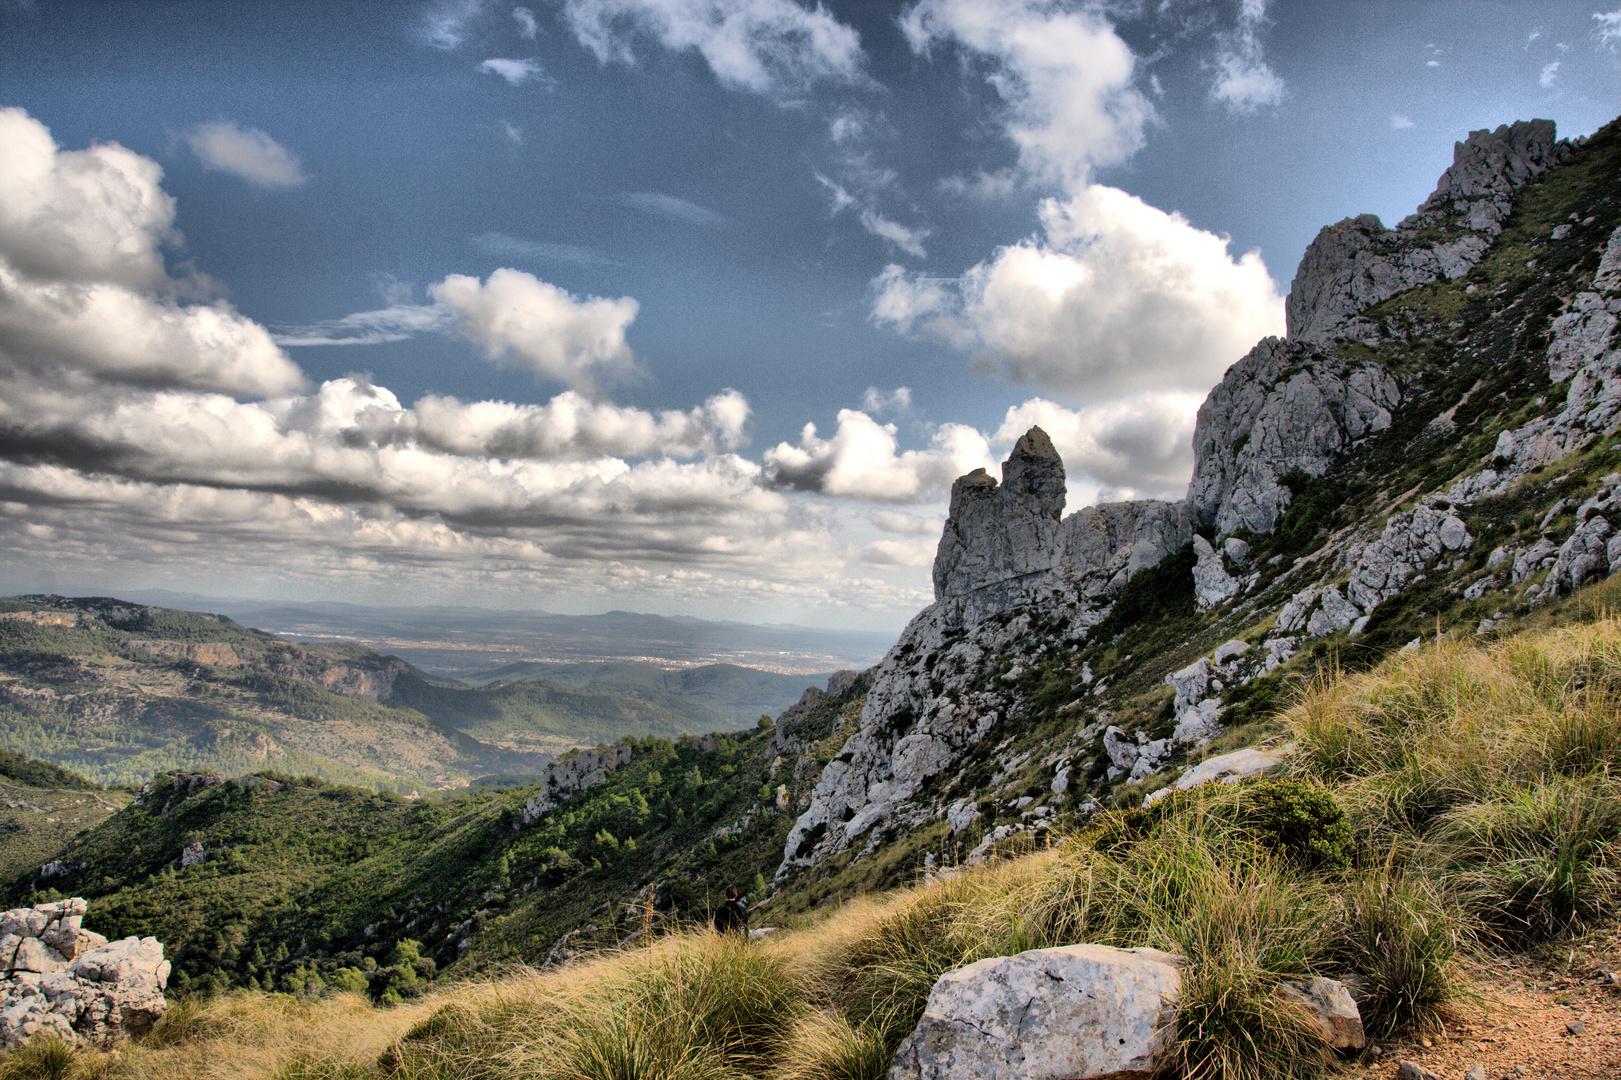 Paisajede montaña